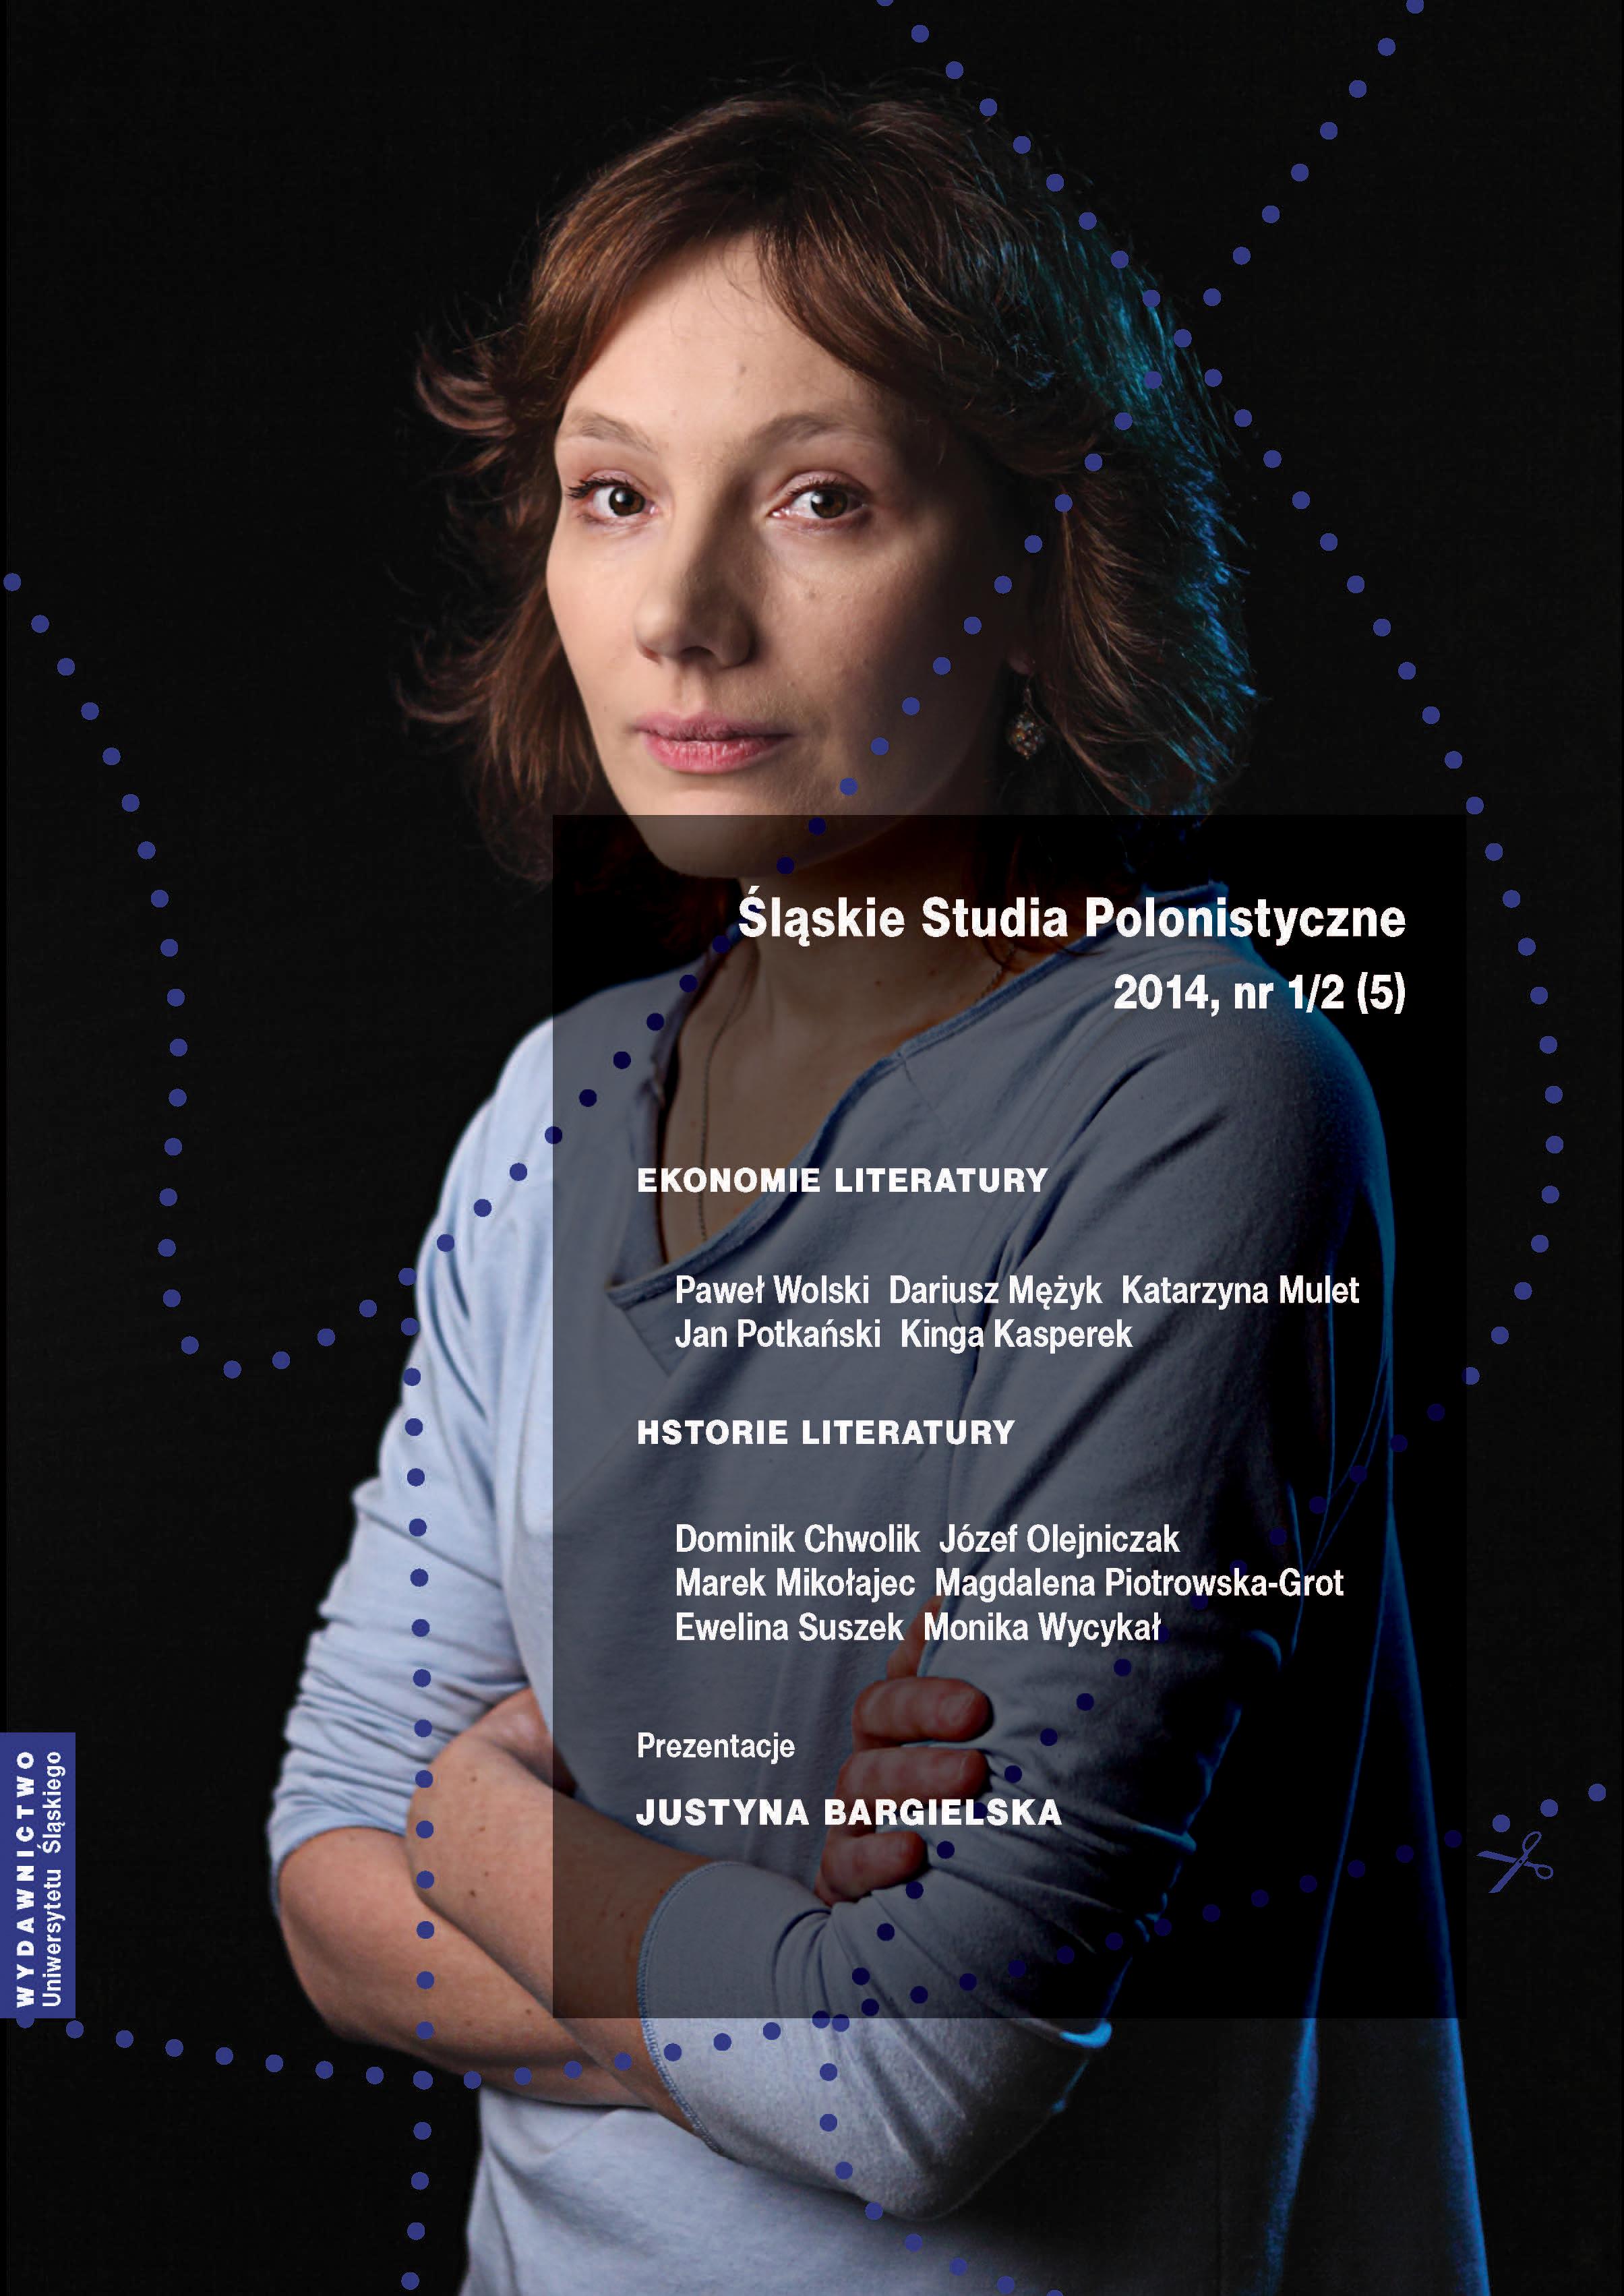 Śląskie Studia Polonistyczne 2014 nr 1/2 (5)